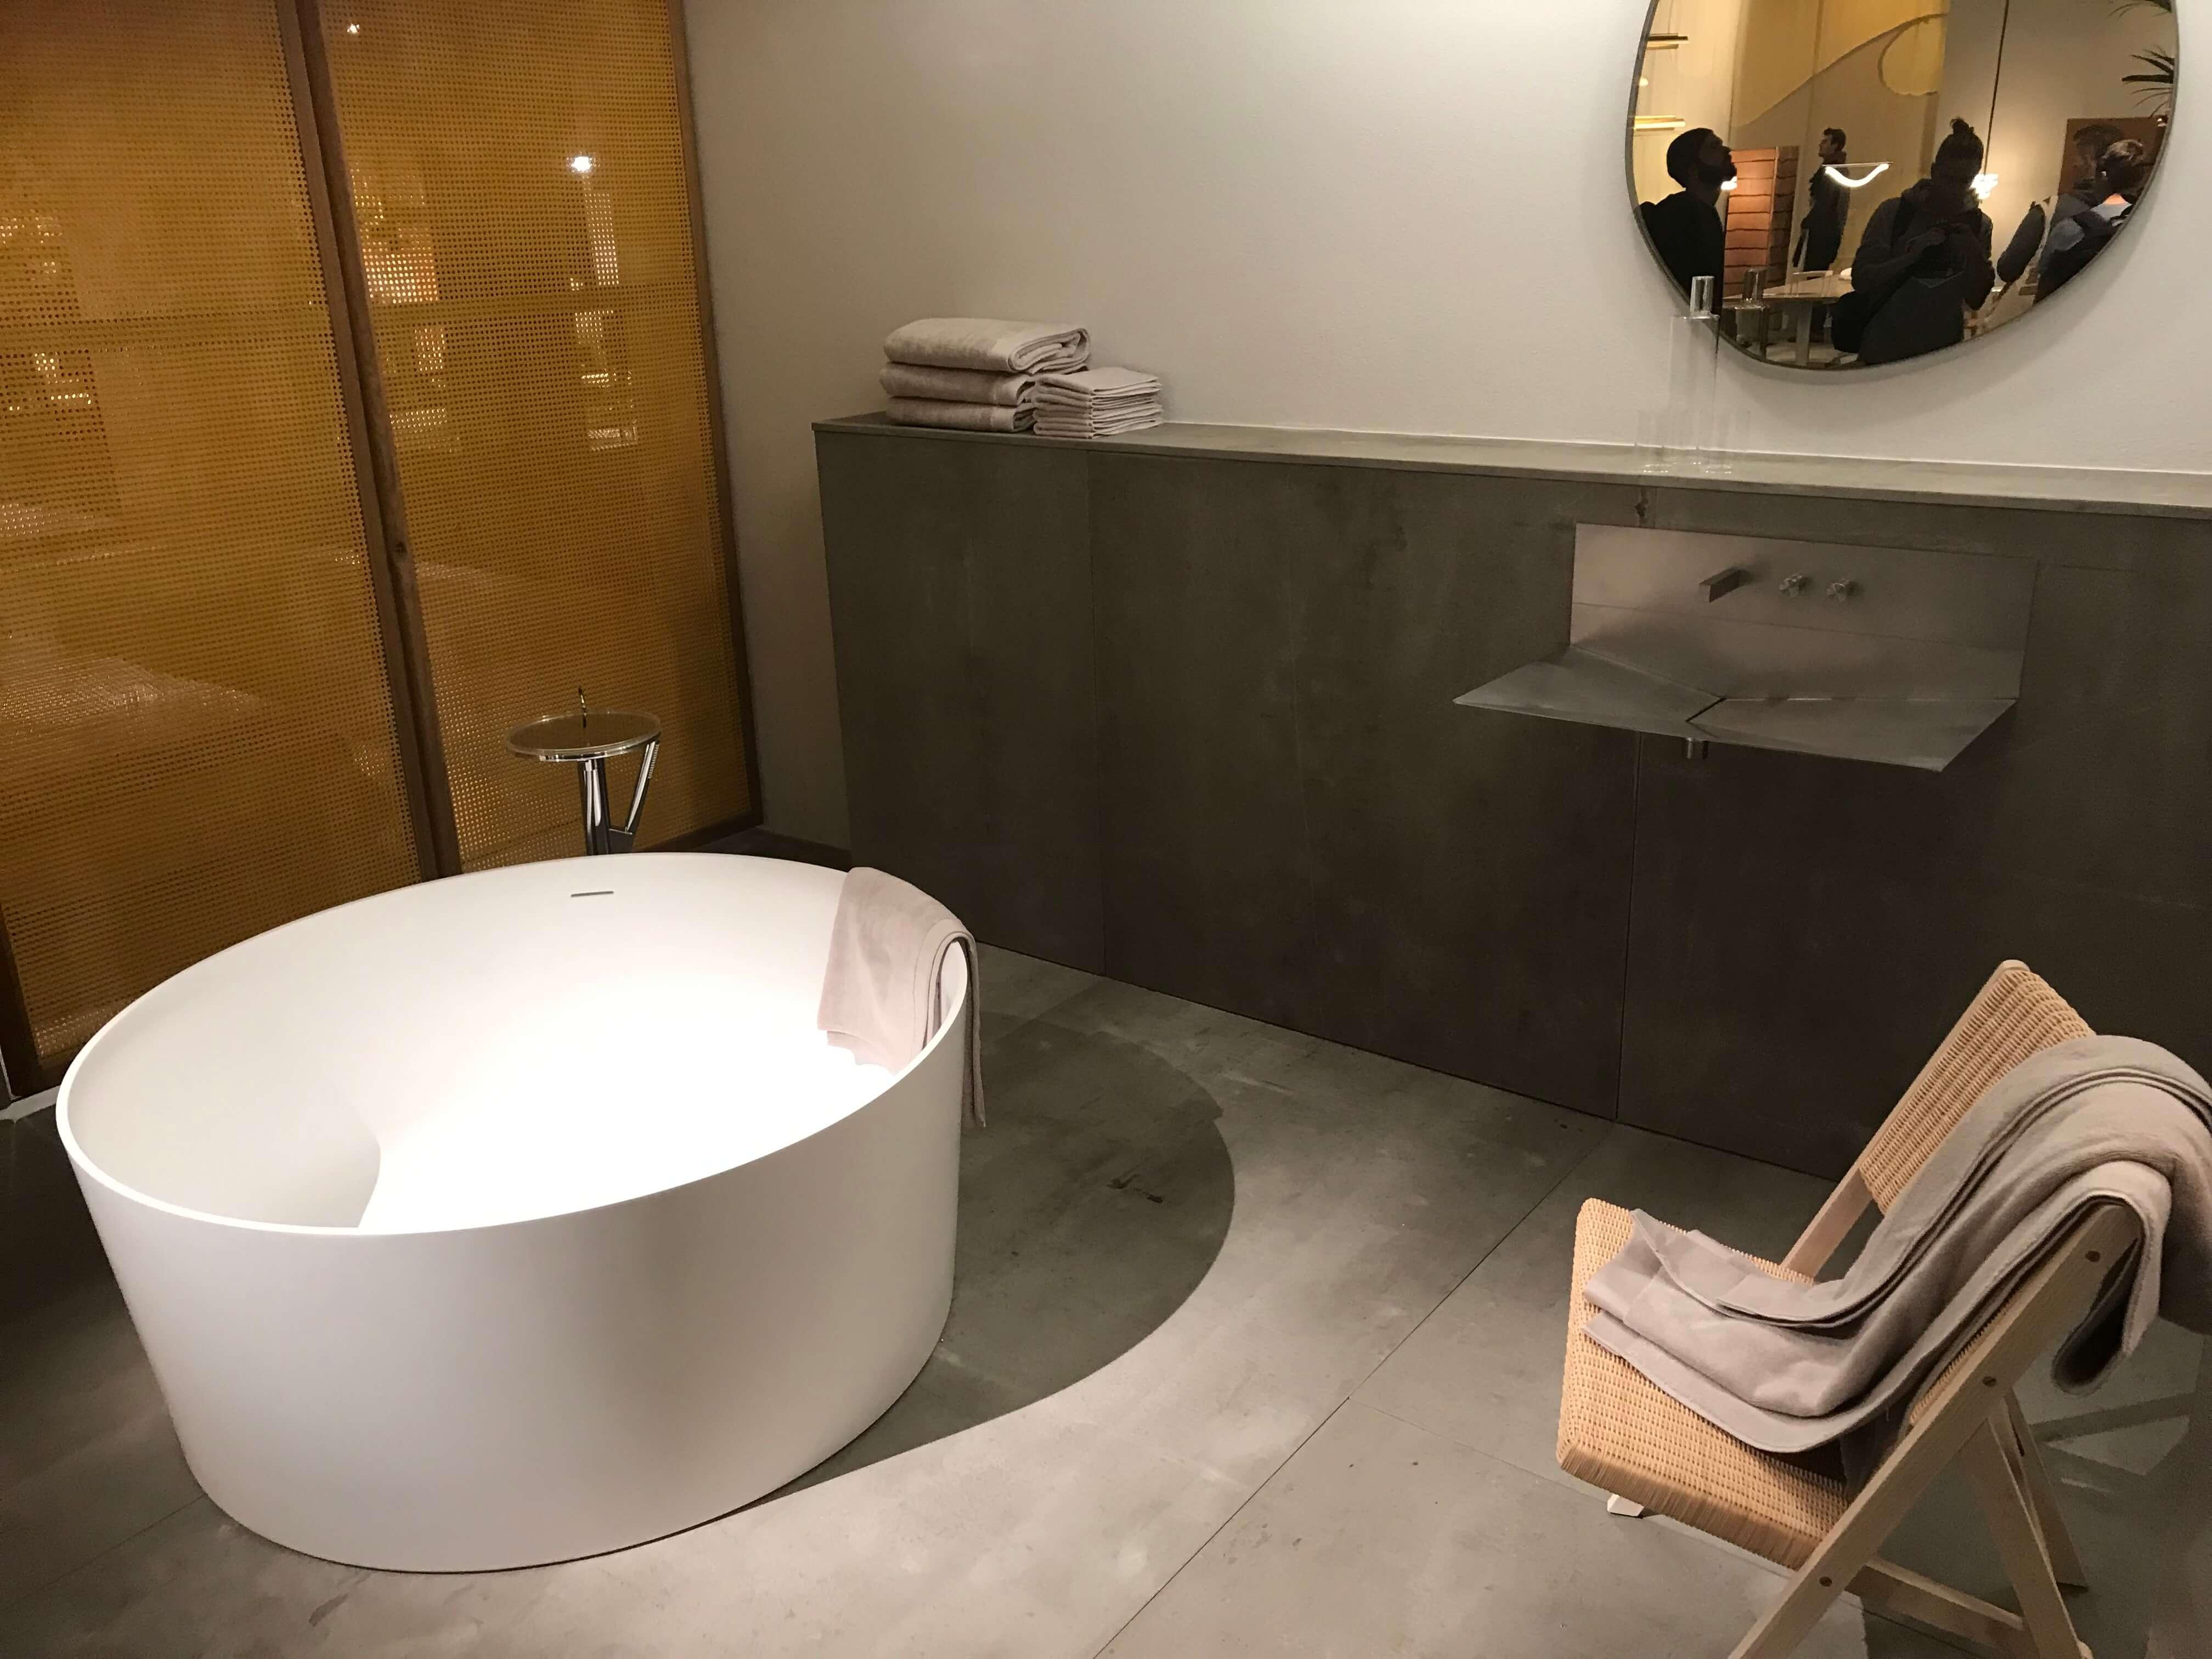 Kein Pinselstrich zu viel: Das moderne Badezimmer kommt dem Wunsch nach Ordnung und Klarheit mehr als nur ein bisschen nach.